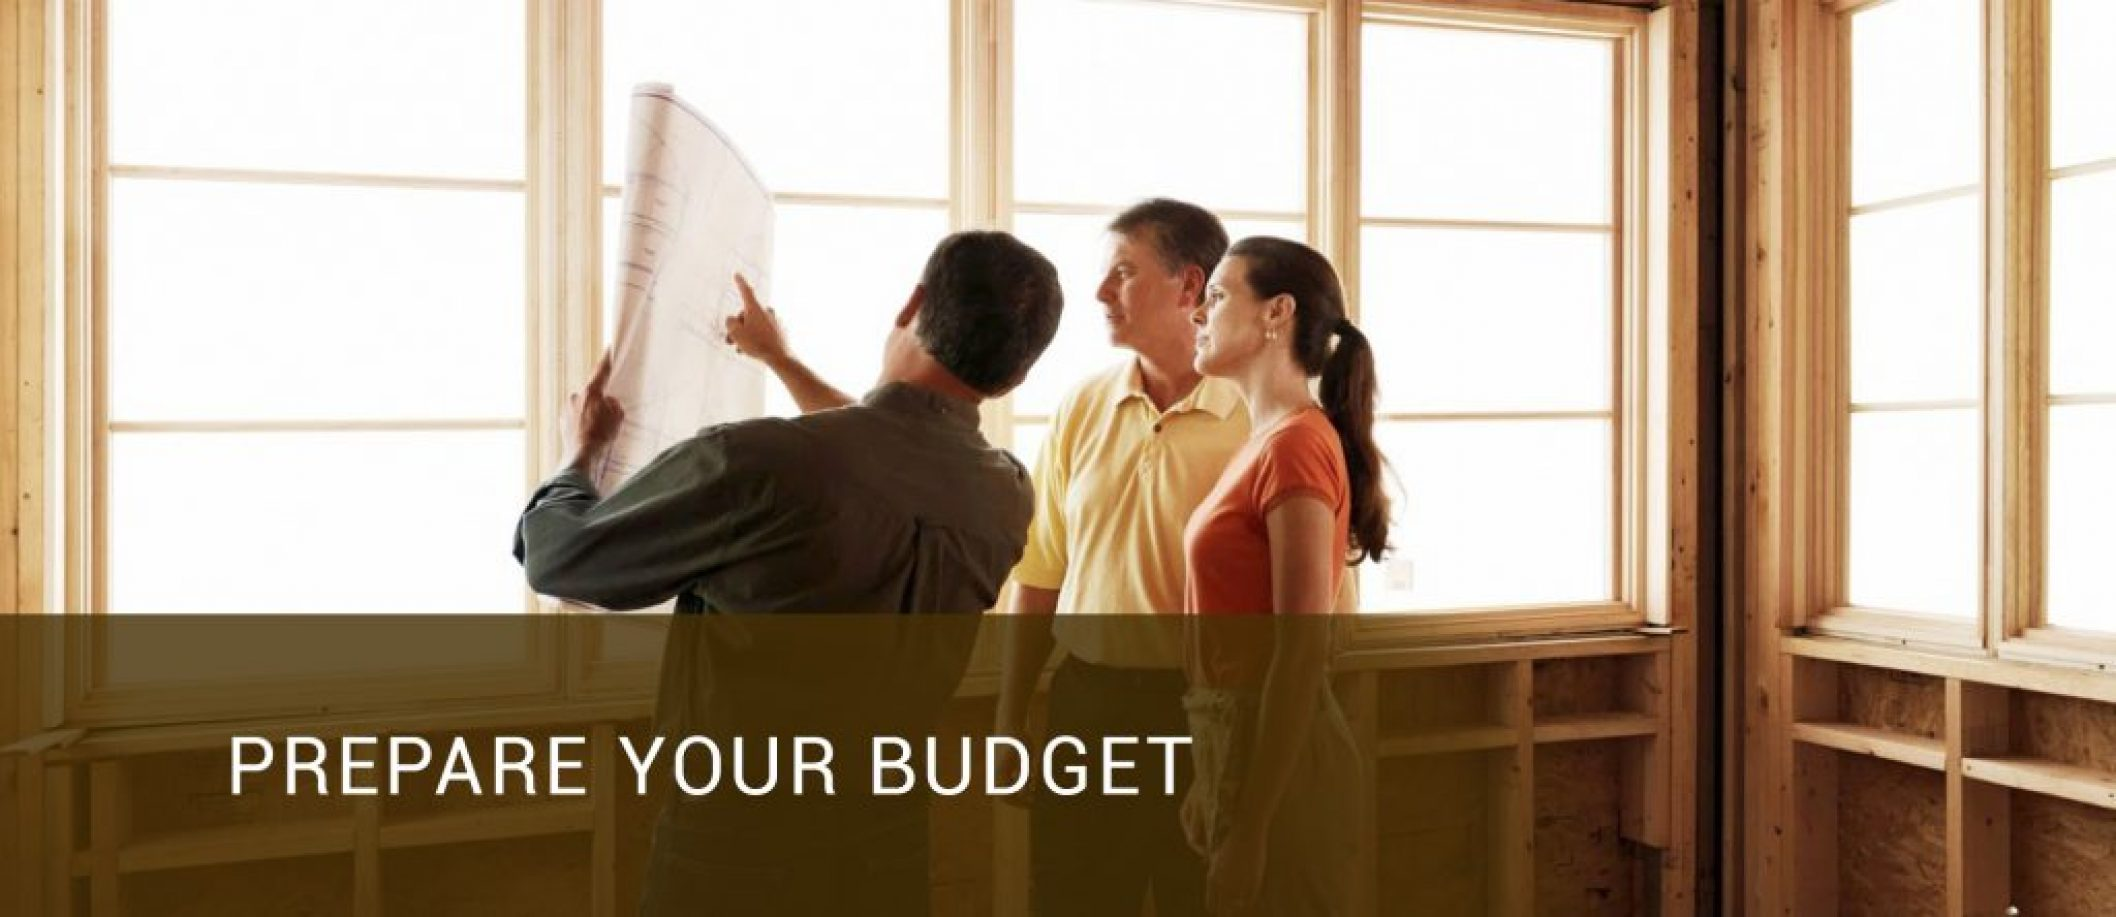 چگونه بودجه خود را برای تعمیرات خانه مدیریت کنم؟